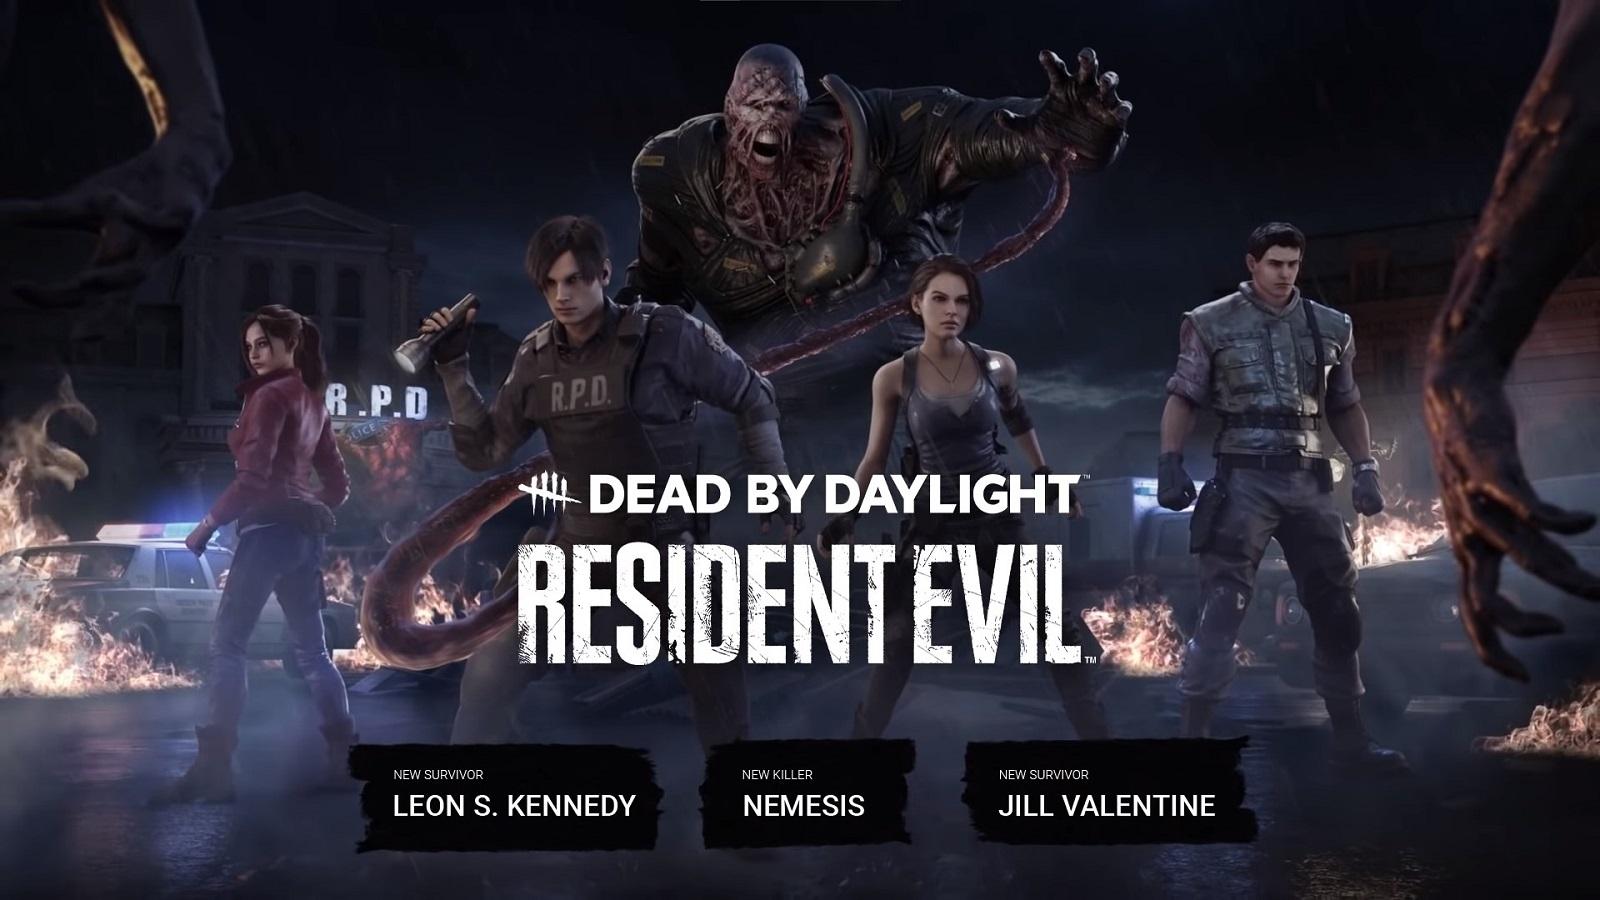 Rozdział Resident Evil do Dead by Daylight